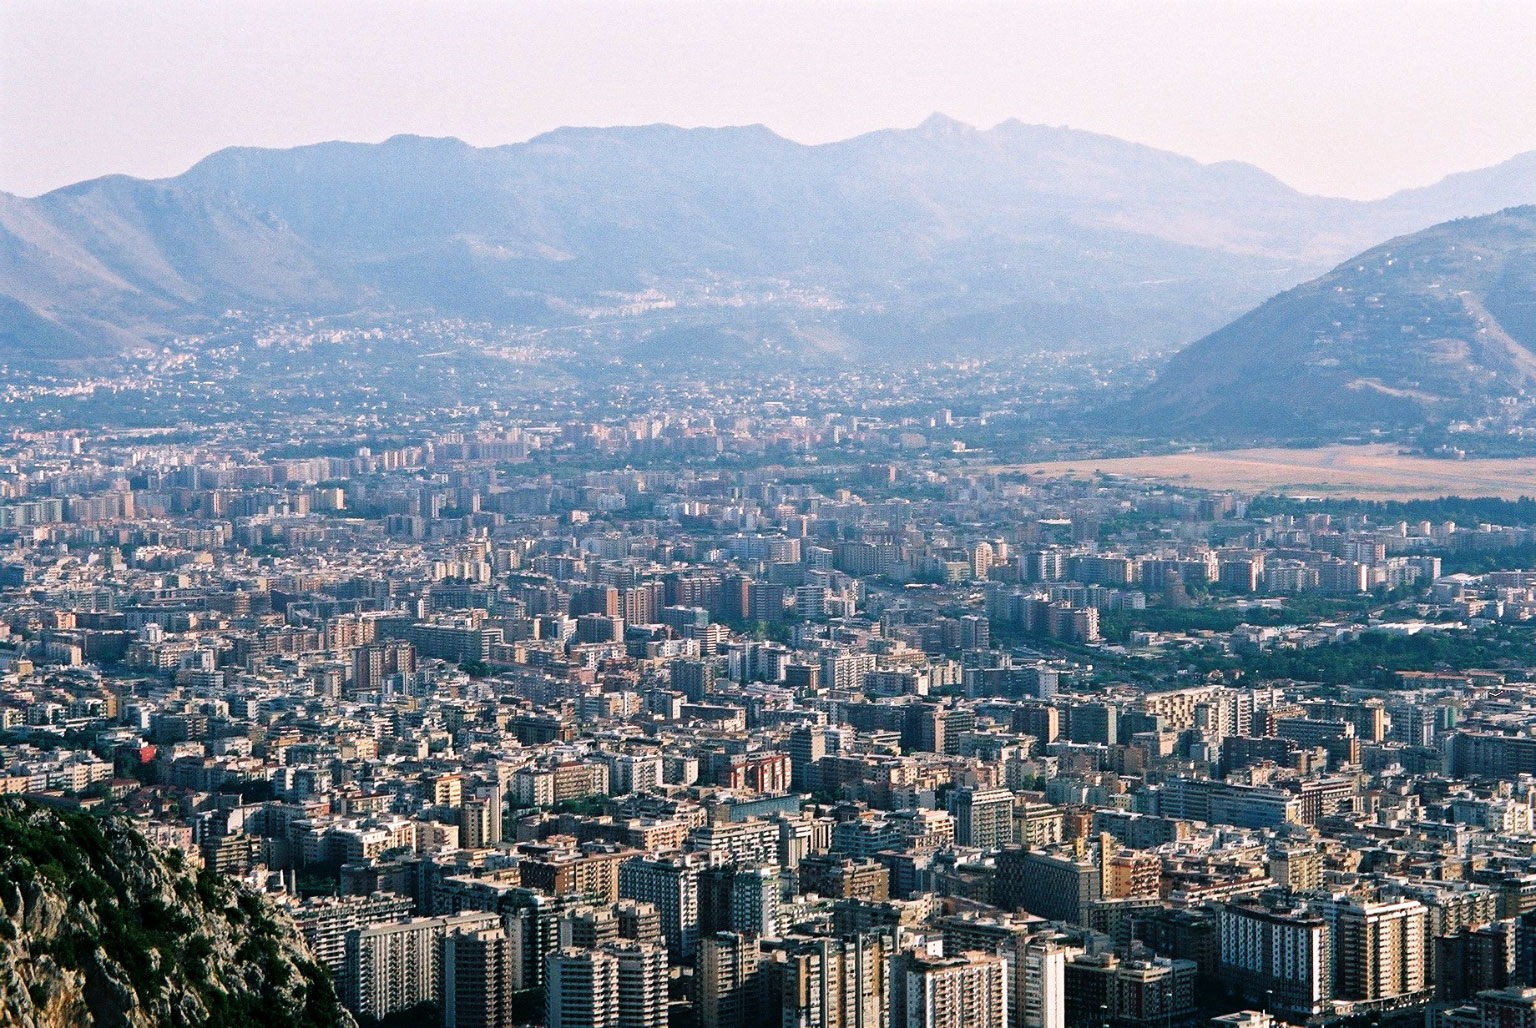 Il Centro congressi di Palermo sorgerà nell'area dell'ex Fiera del Mediterraneo